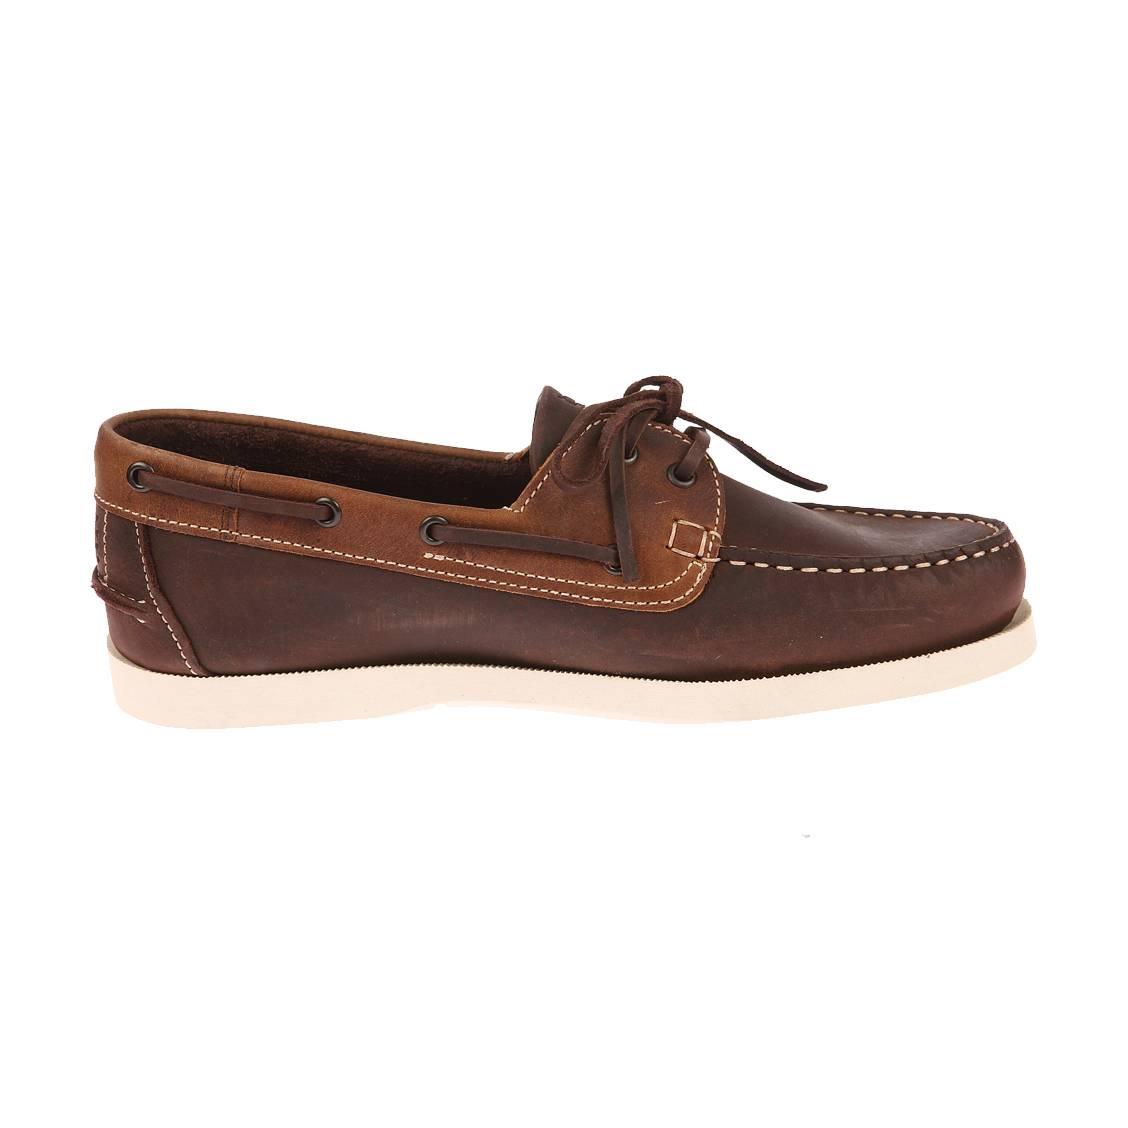 Chaussures bateau TBS en cuir marron à empiècement en cuir marron clair. Chaussures TBS  - Extérieur en cuir marron - Inté